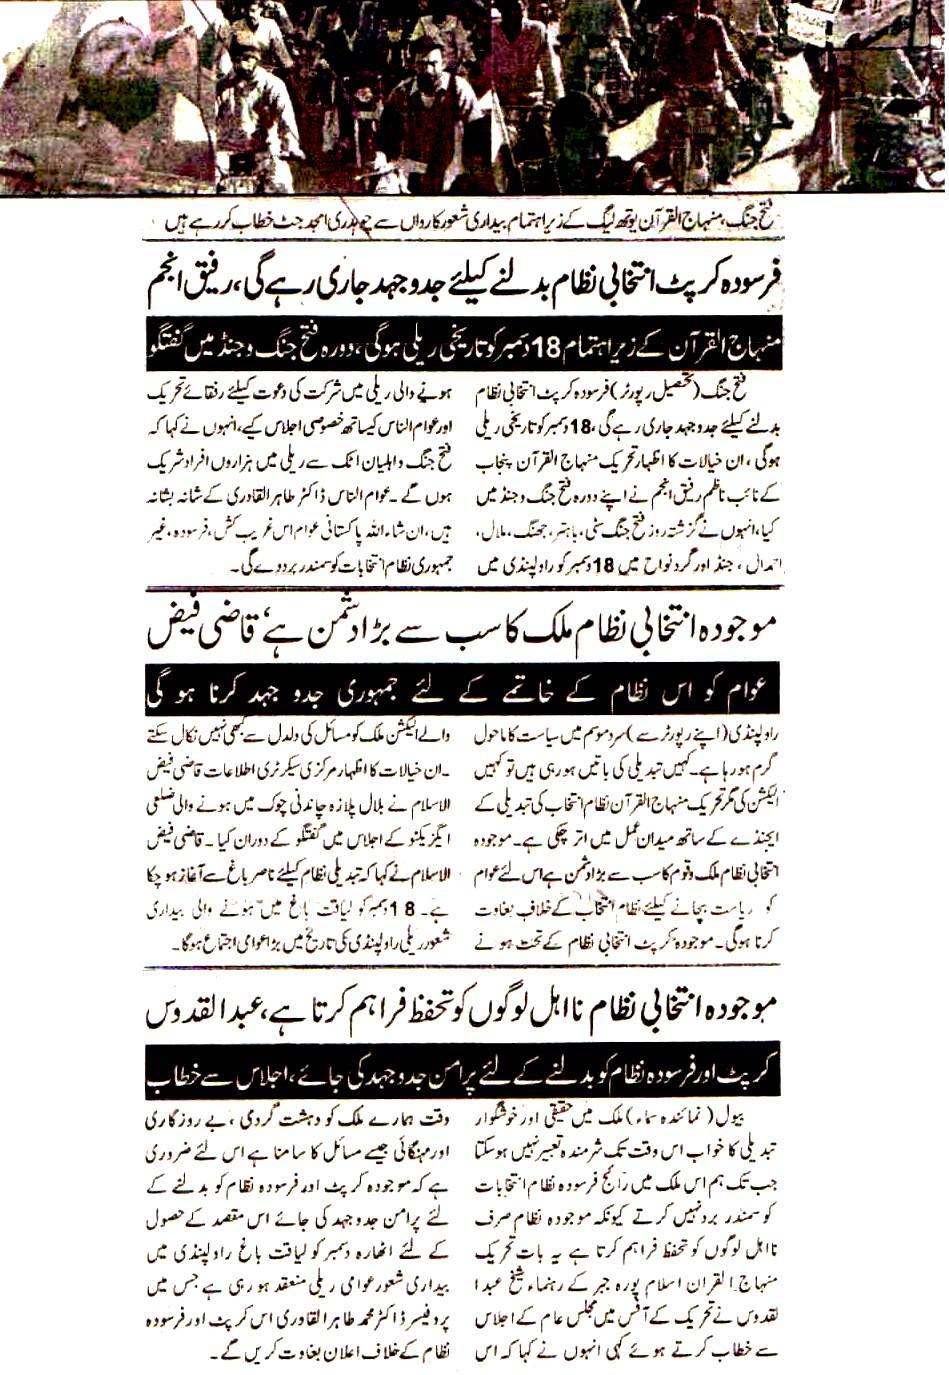 تحریک منہاج القرآن Minhaj-ul-Quran  Print Media Coverage پرنٹ میڈیا کوریج Daily Tuluo